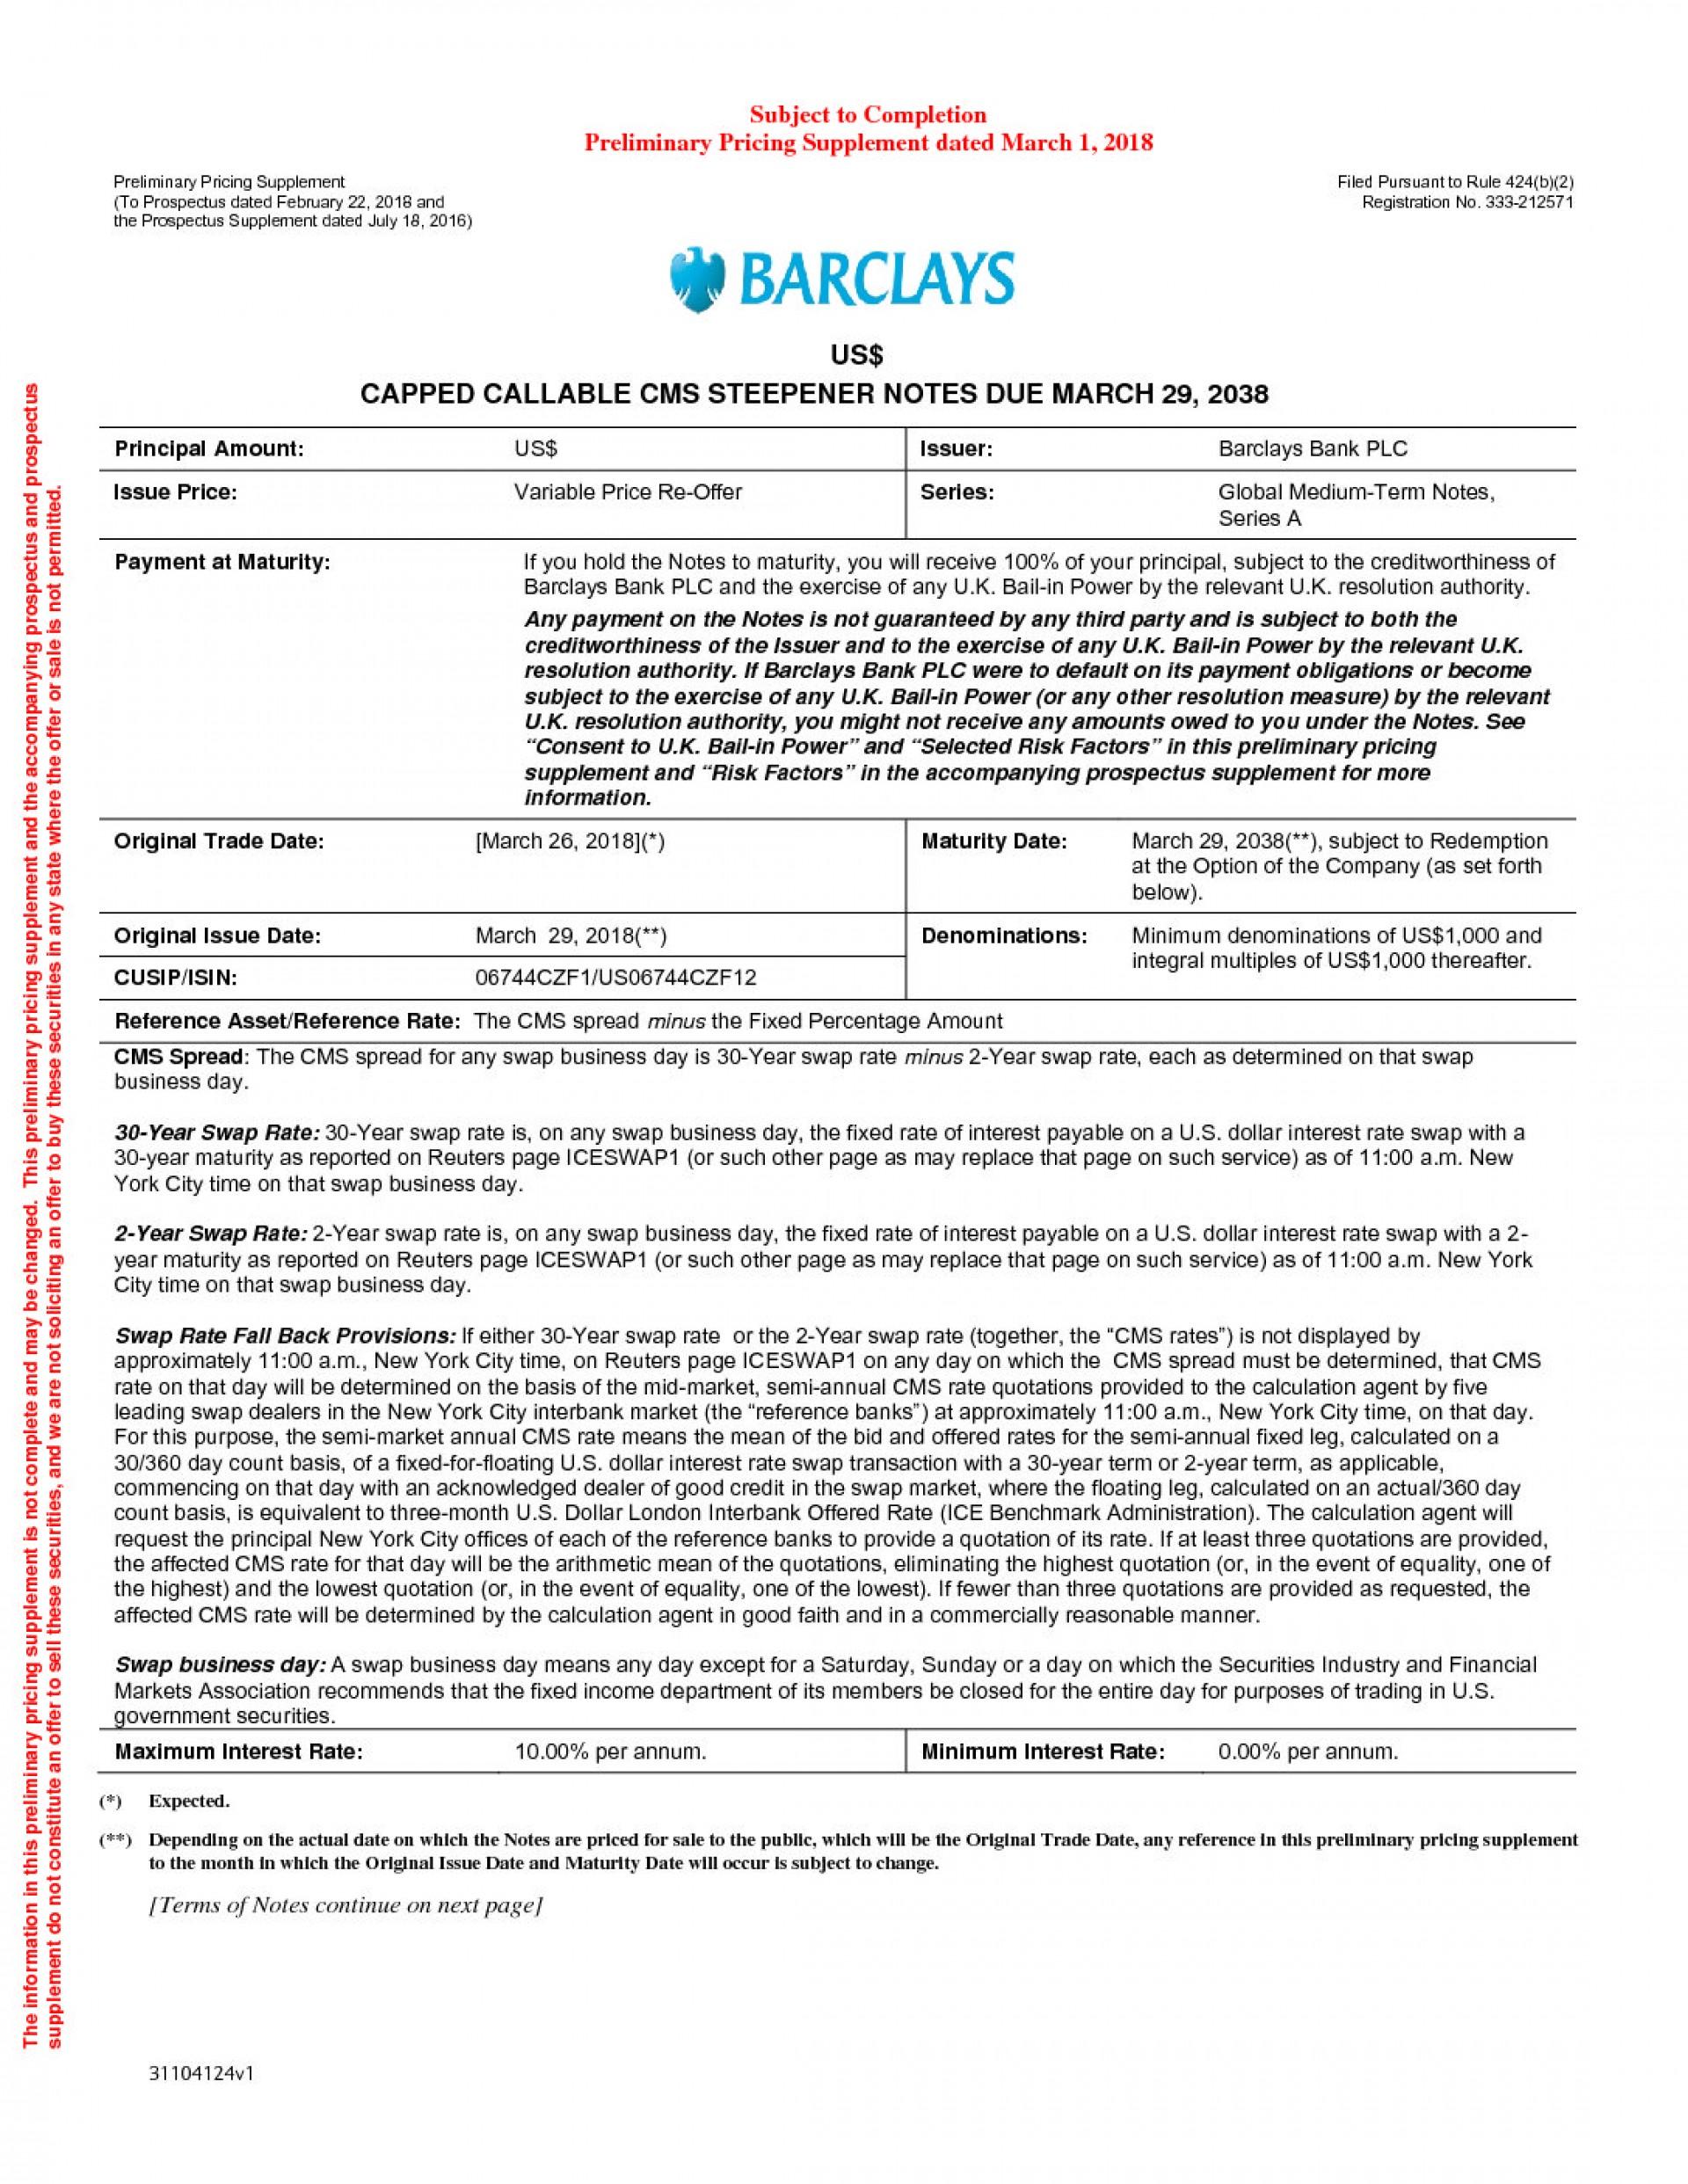 017 Essay Paragraph Starters Barclays Pdf Excellent Sentence Spanish Gcse 1920